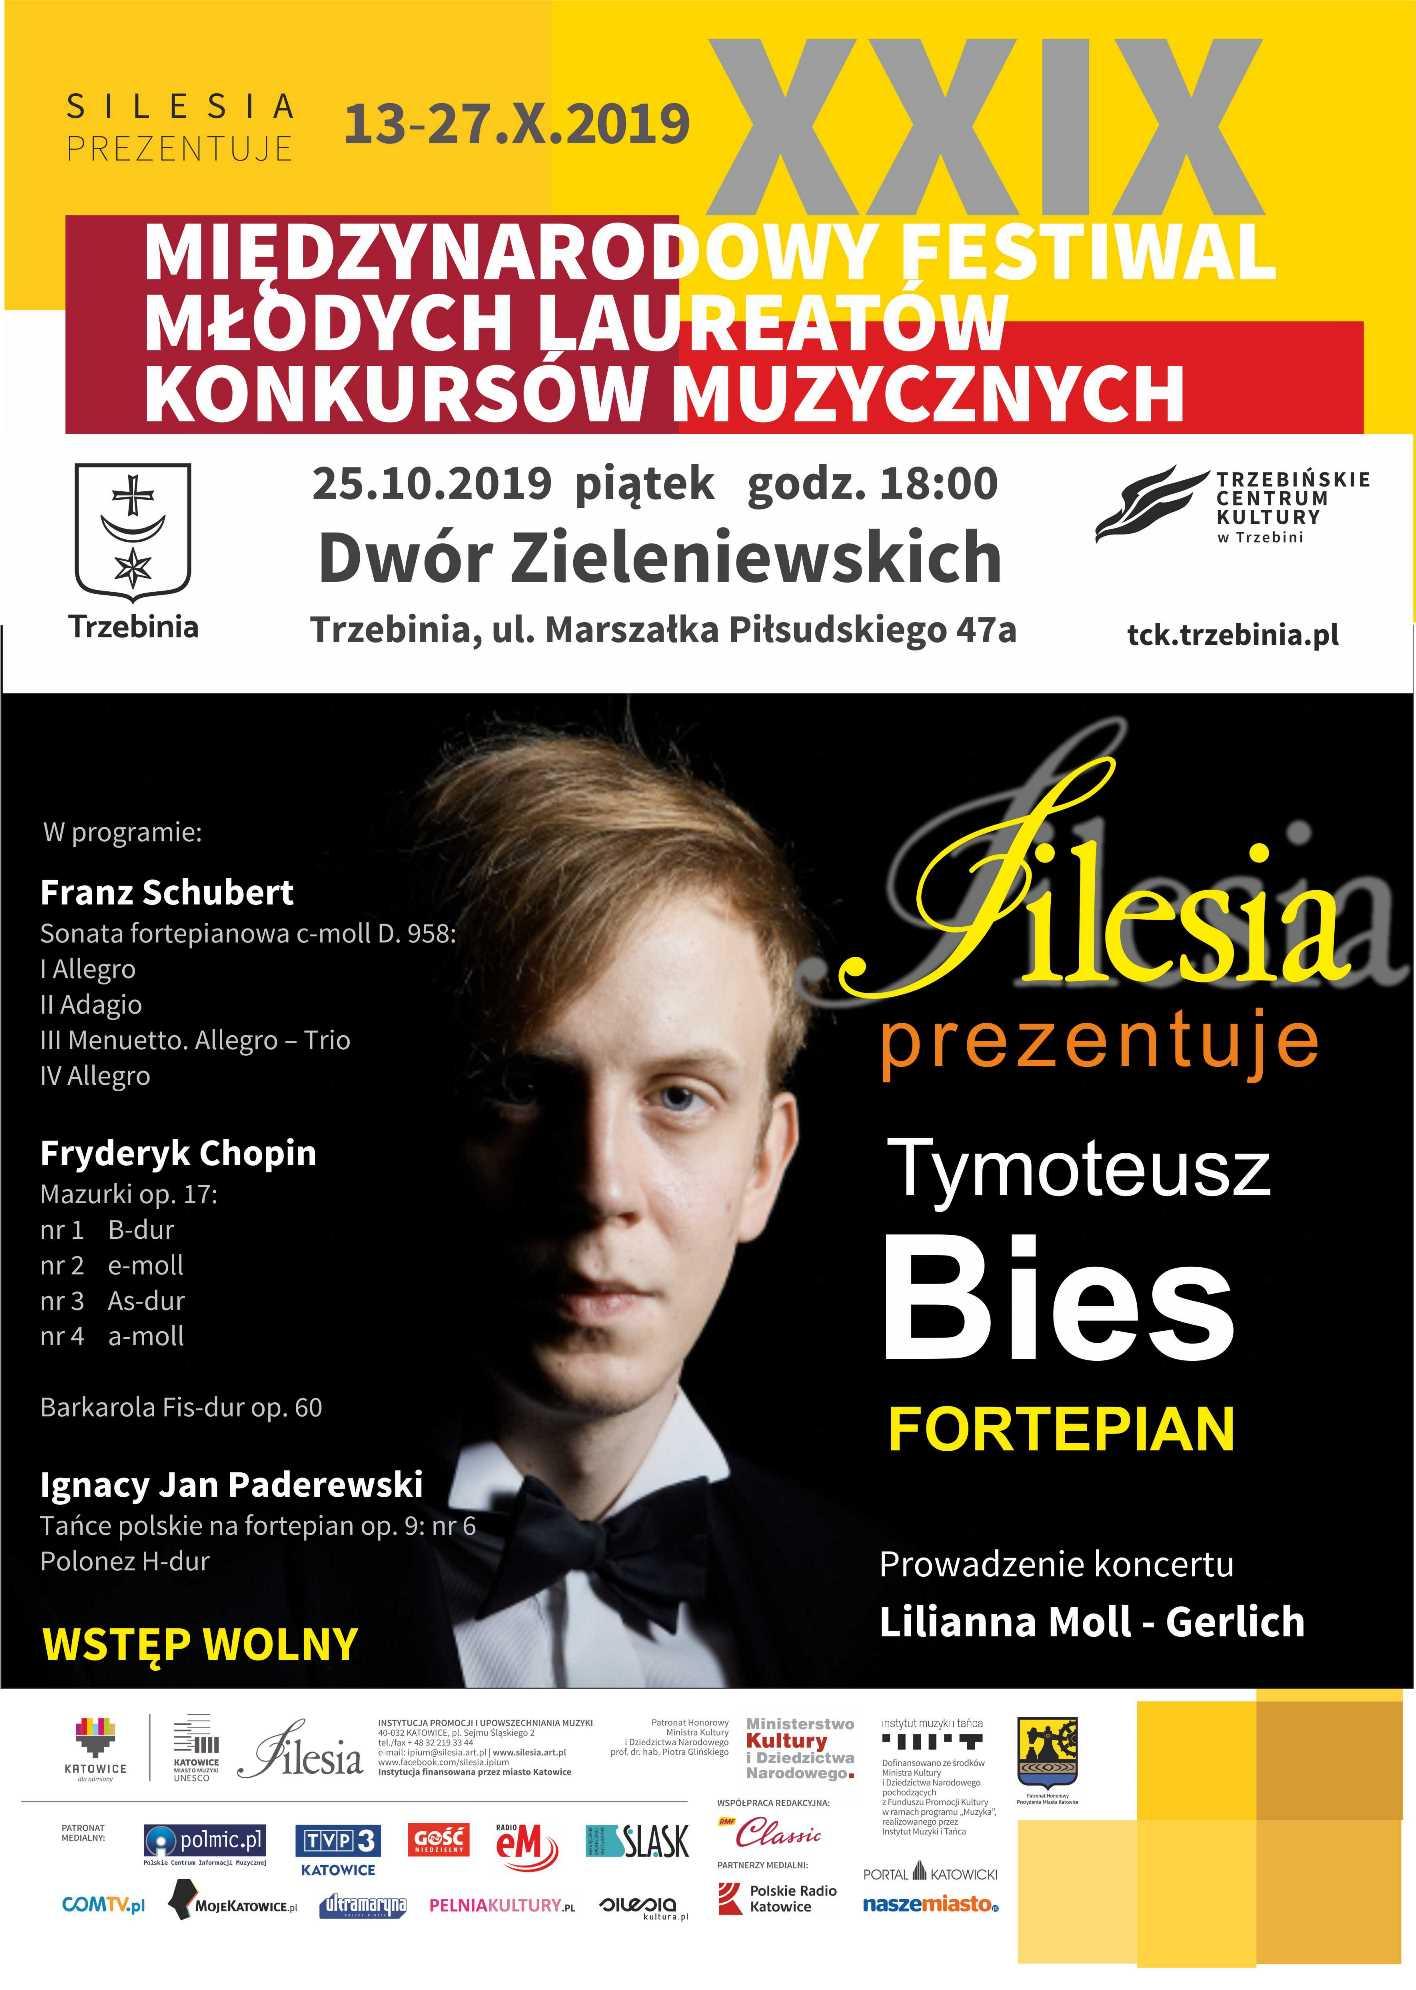 Silesia prezentuje: Tymoteusz Bies - fortepian